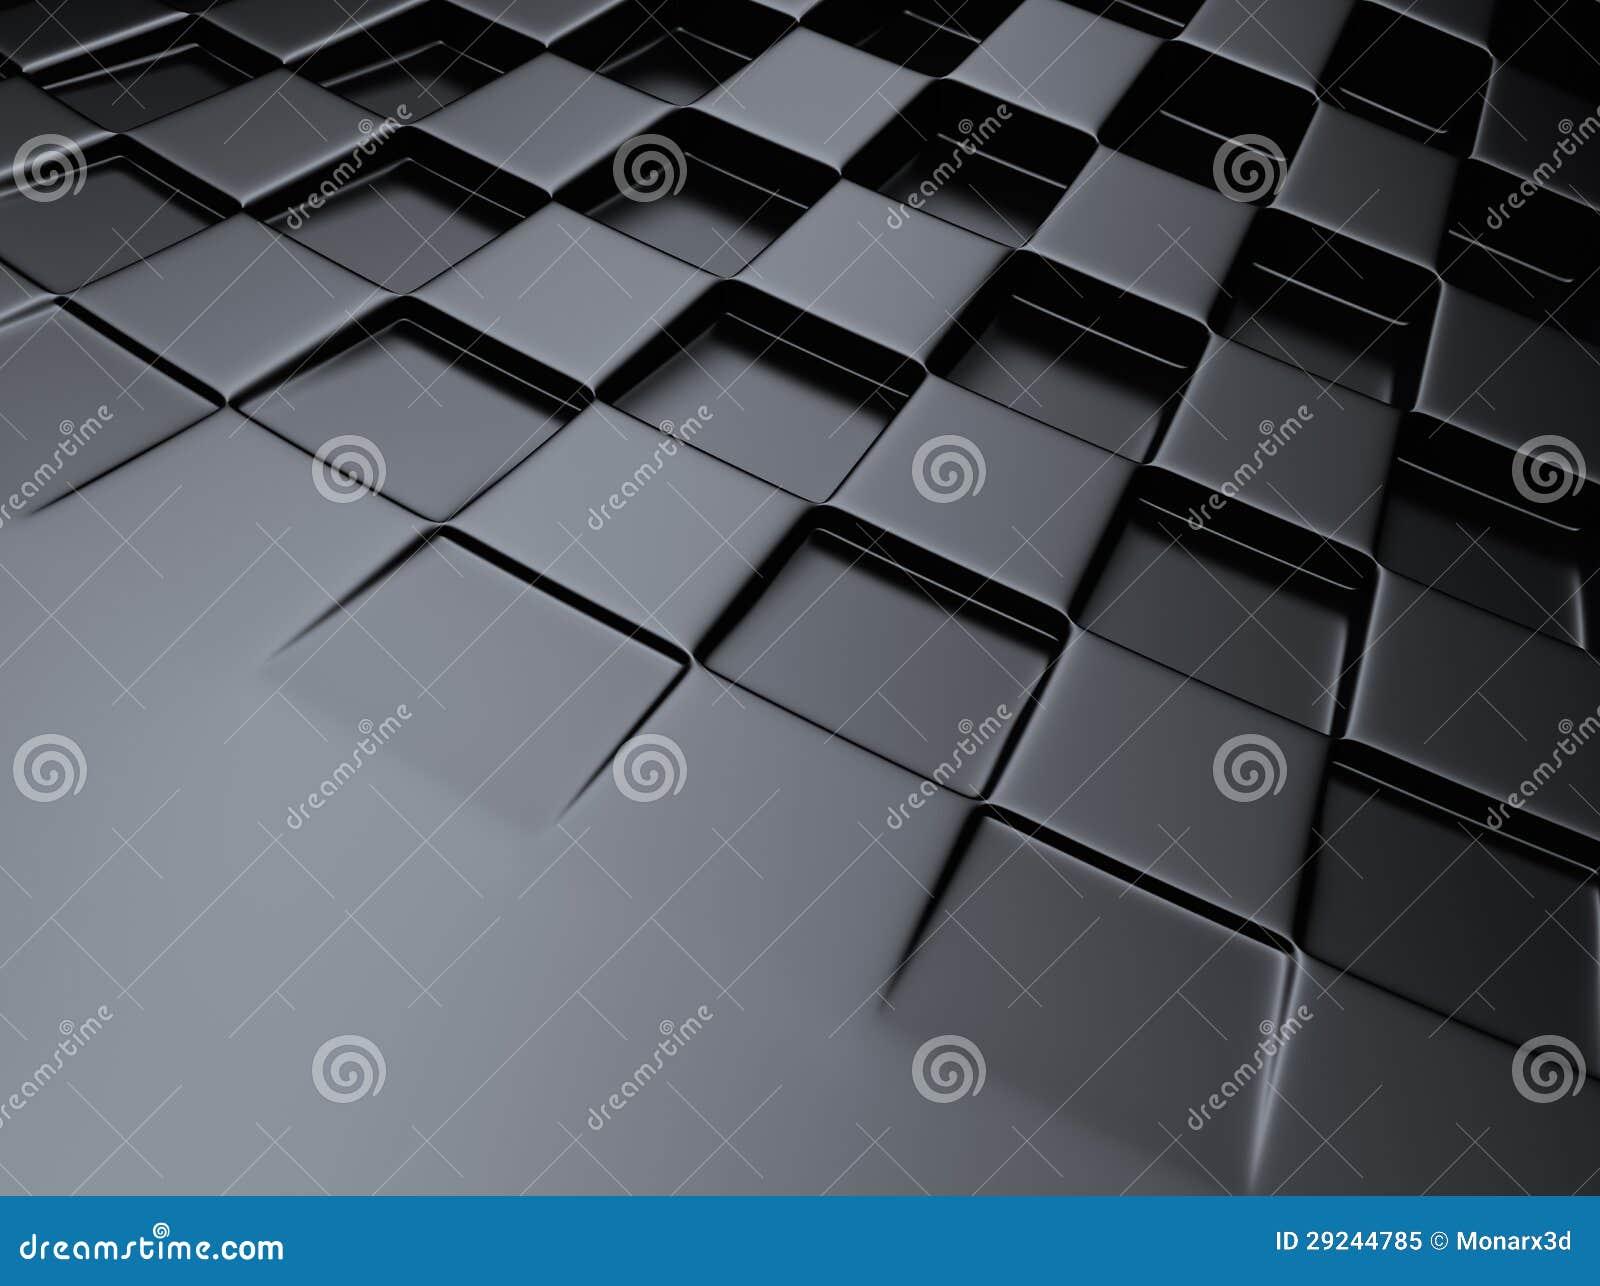 Download Fundo metálico da xadrez ilustração stock. Ilustração de pesado - 29244785